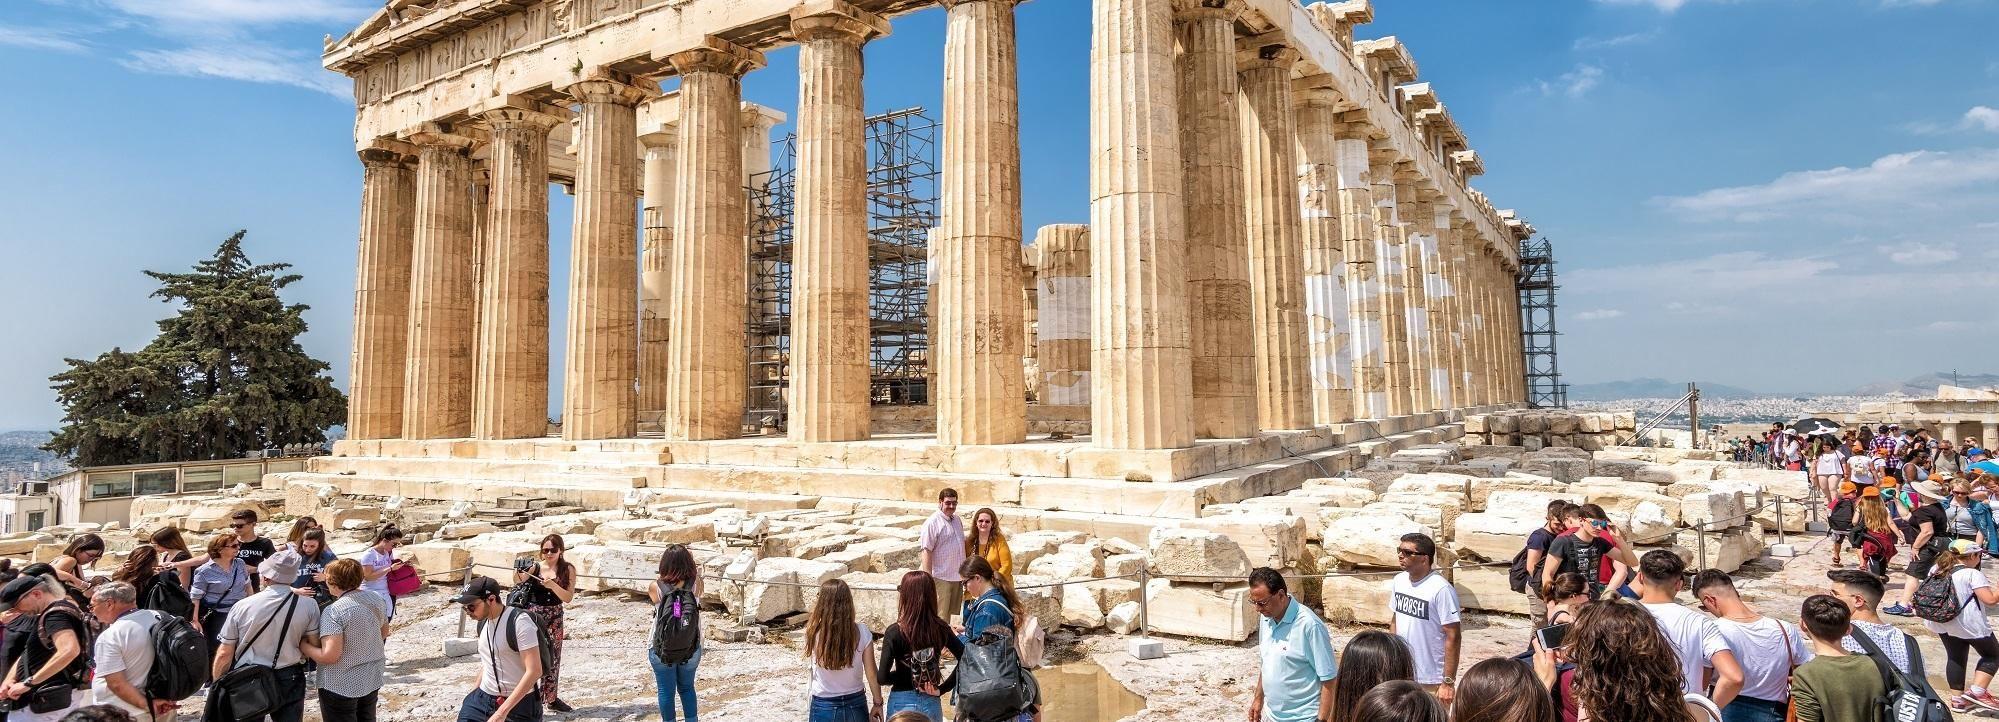 Acrópolis y museo: entradas con tasa de reserva incluida